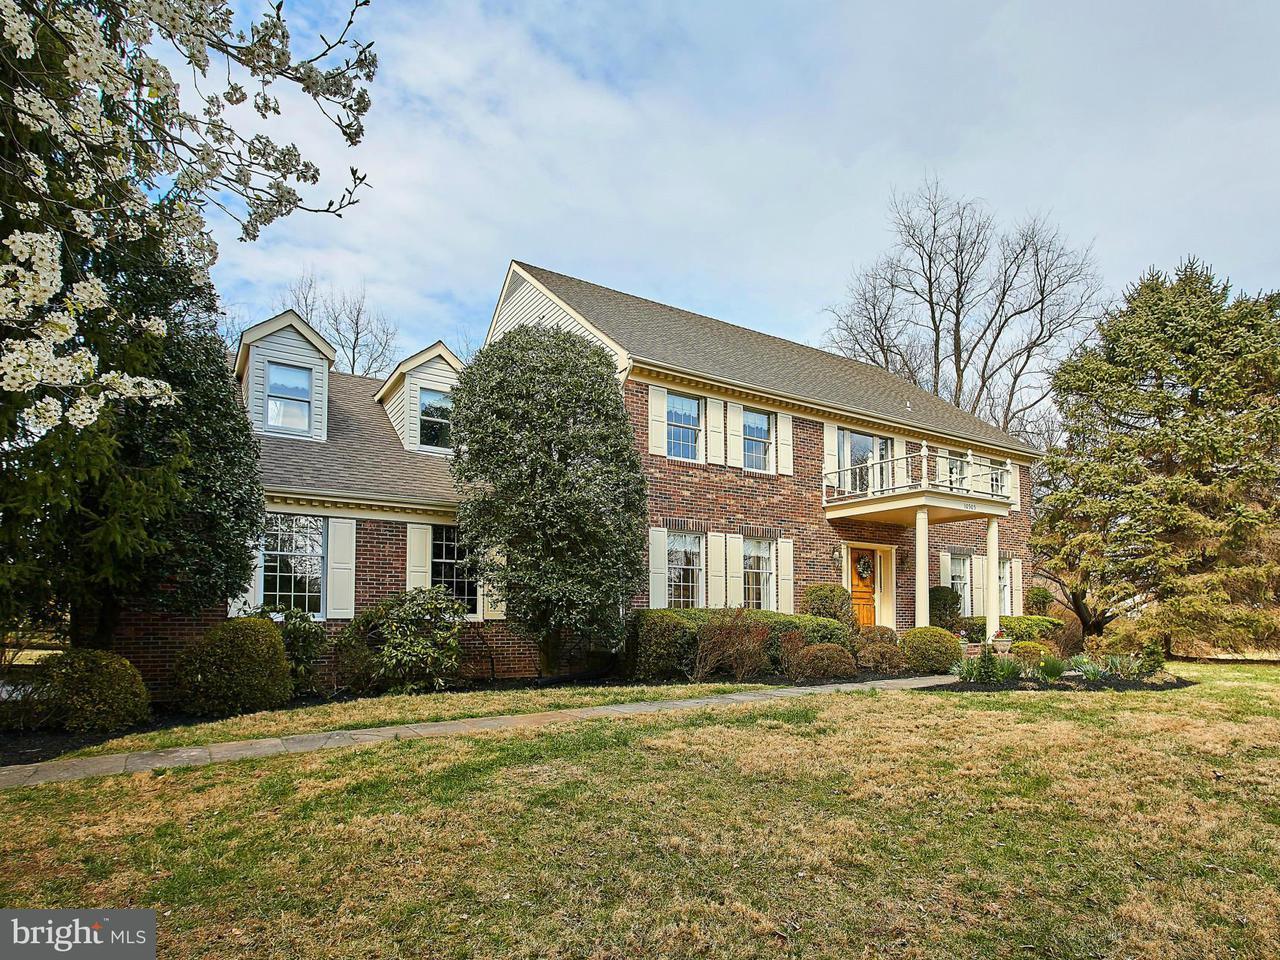 Casa Unifamiliar por un Venta en 10505 WHITE CLOVER TER 10505 WHITE CLOVER TER Potomac, Maryland 20854 Estados Unidos